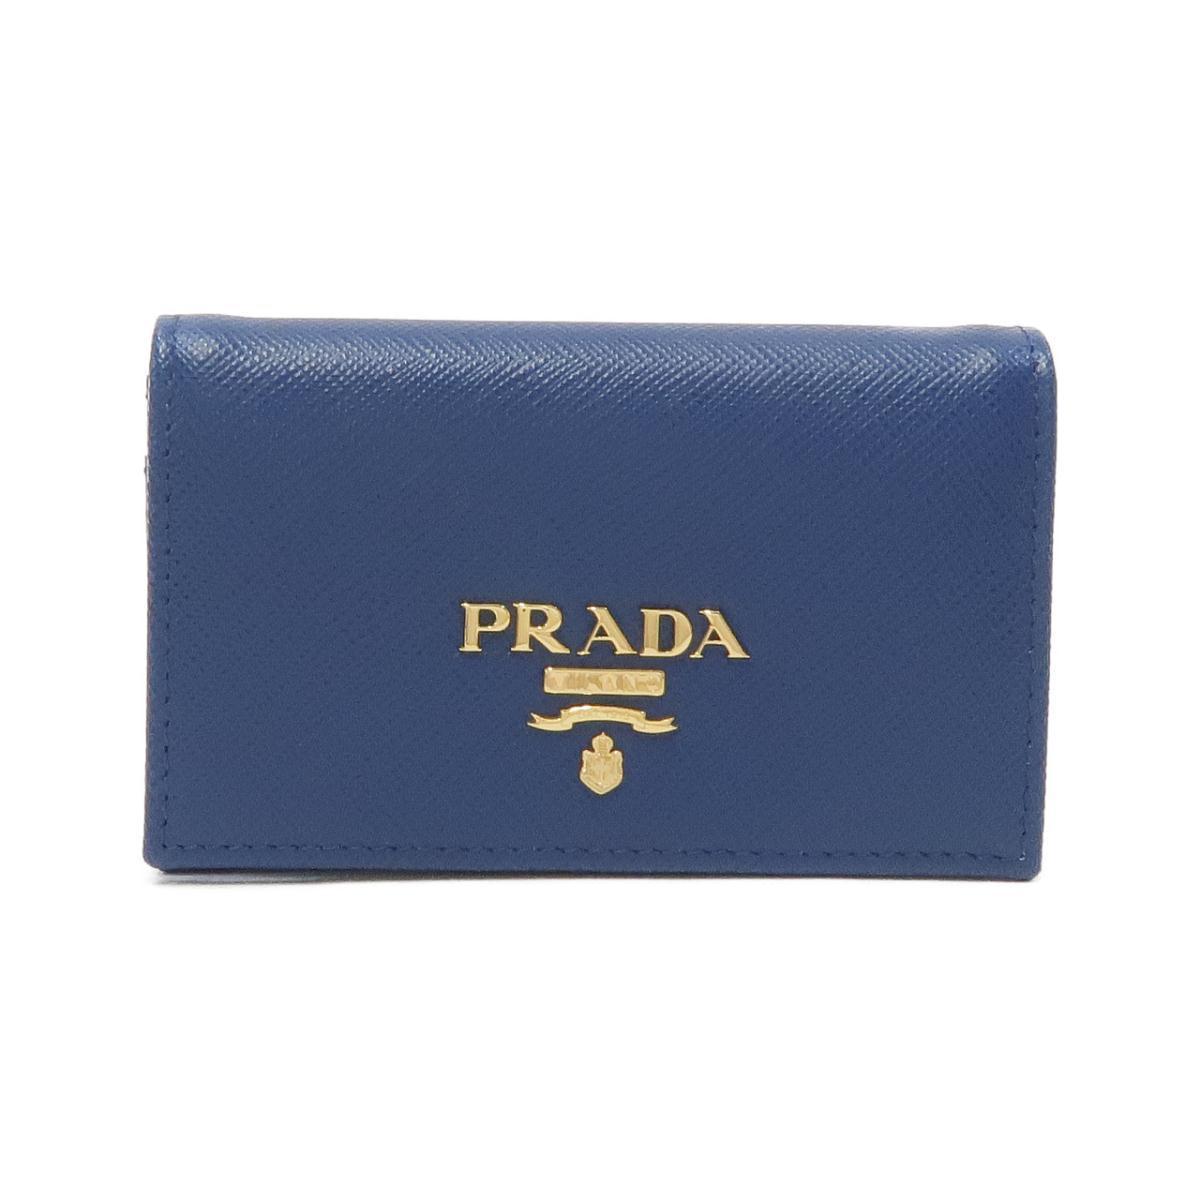 プラダ カードケース 1MC122 予約販売 時間指定不可 中古